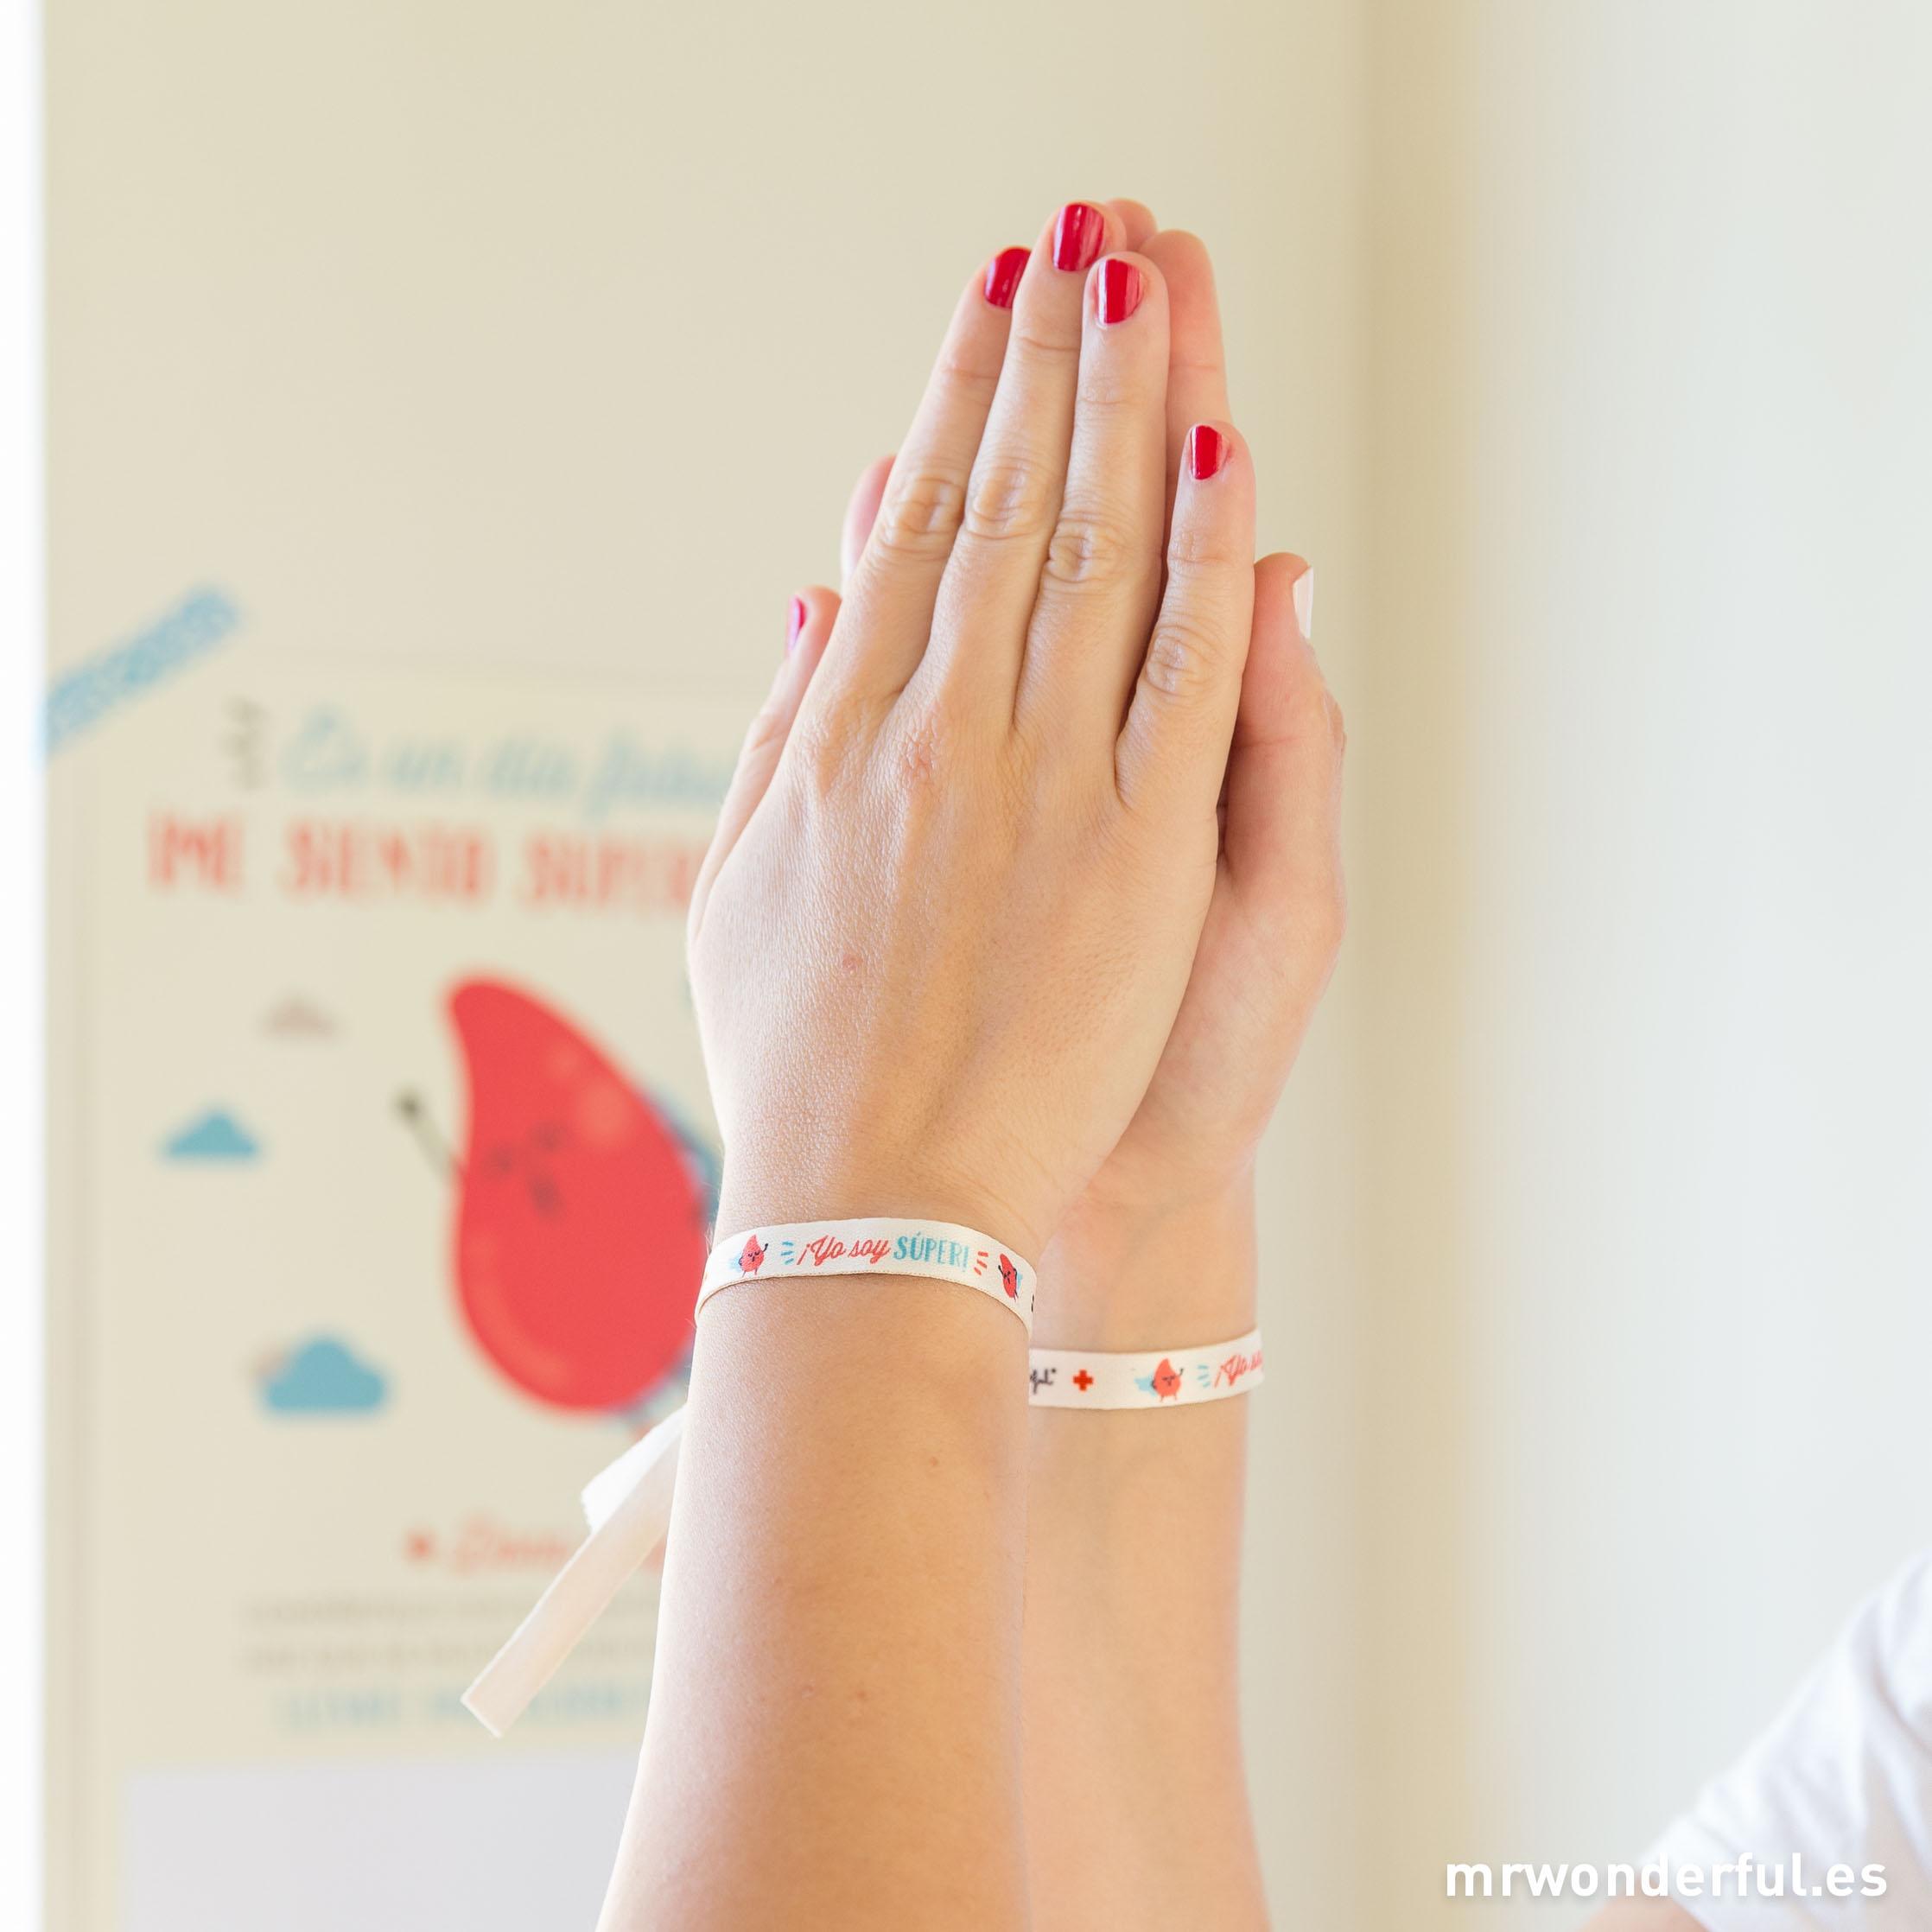 mrwonderful_cruz-roja-donar-sangre-2015-15